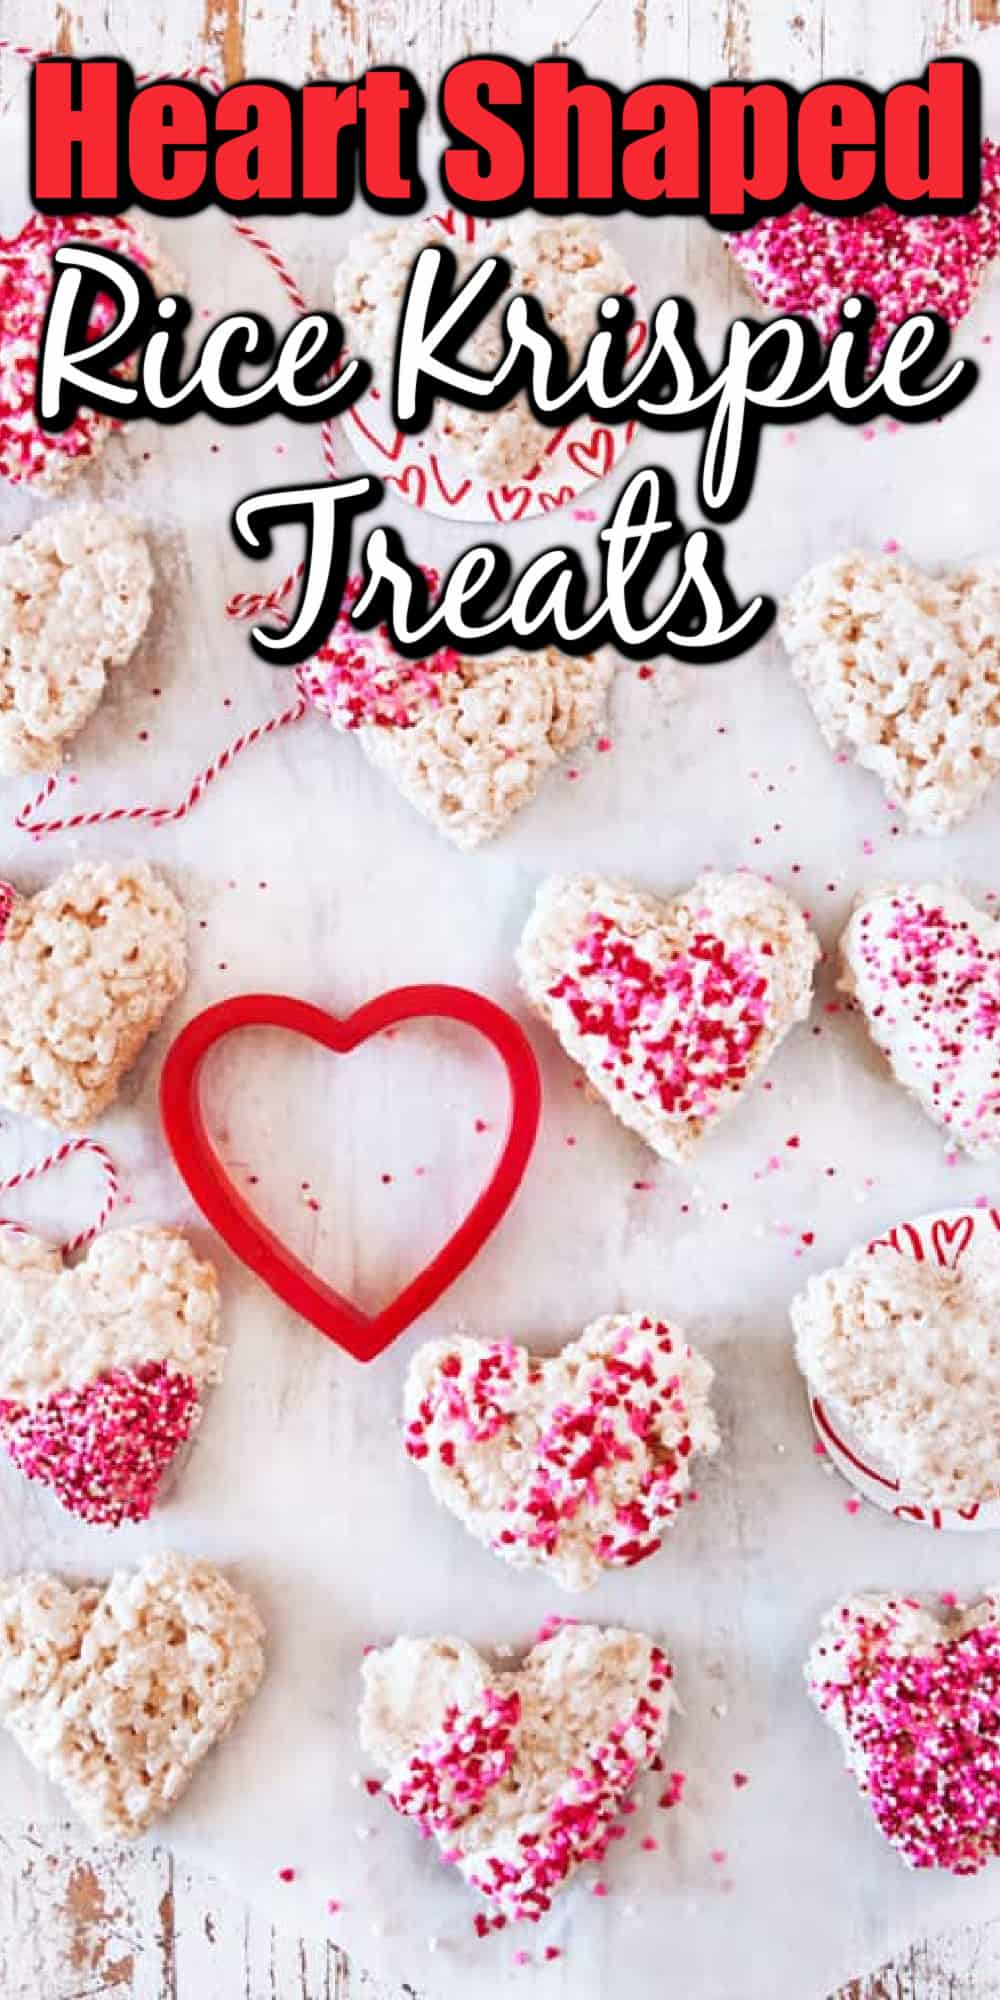 Heart Shaped Rice Krispie Treats Pin